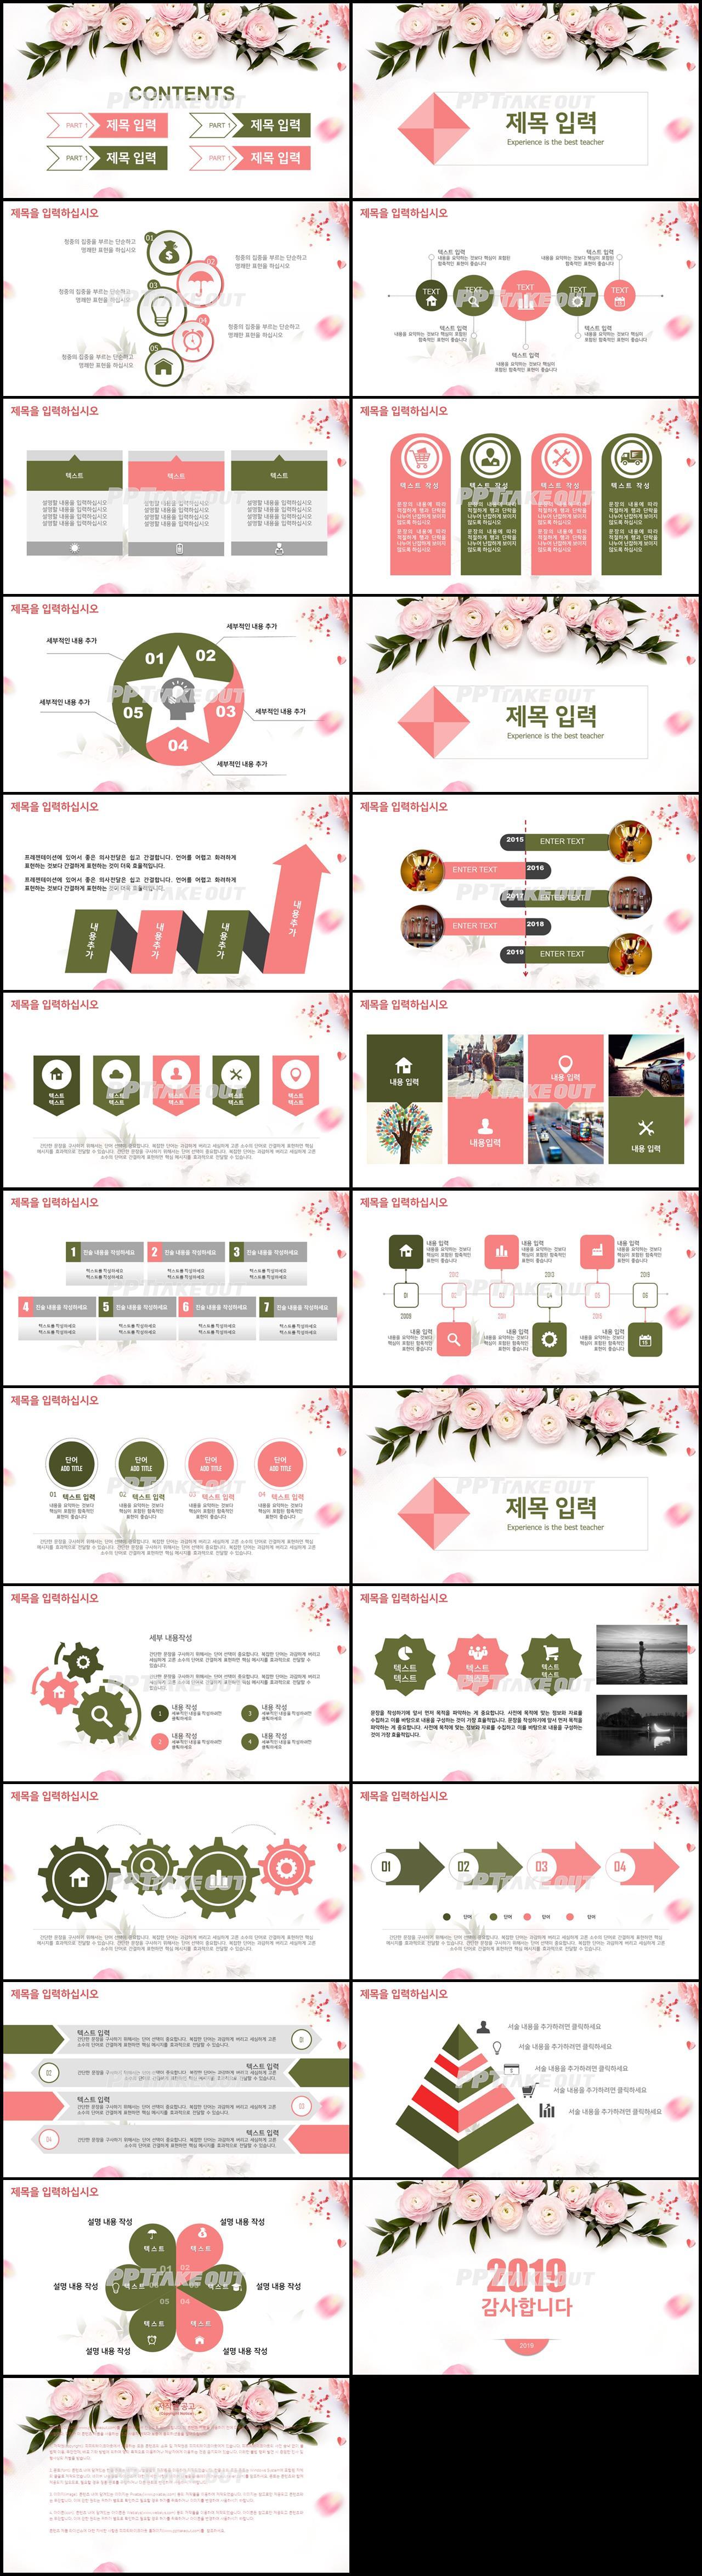 화초, 동식물 핑크색 아담한 프로급 파워포인트탬플릿 사이트 상세보기